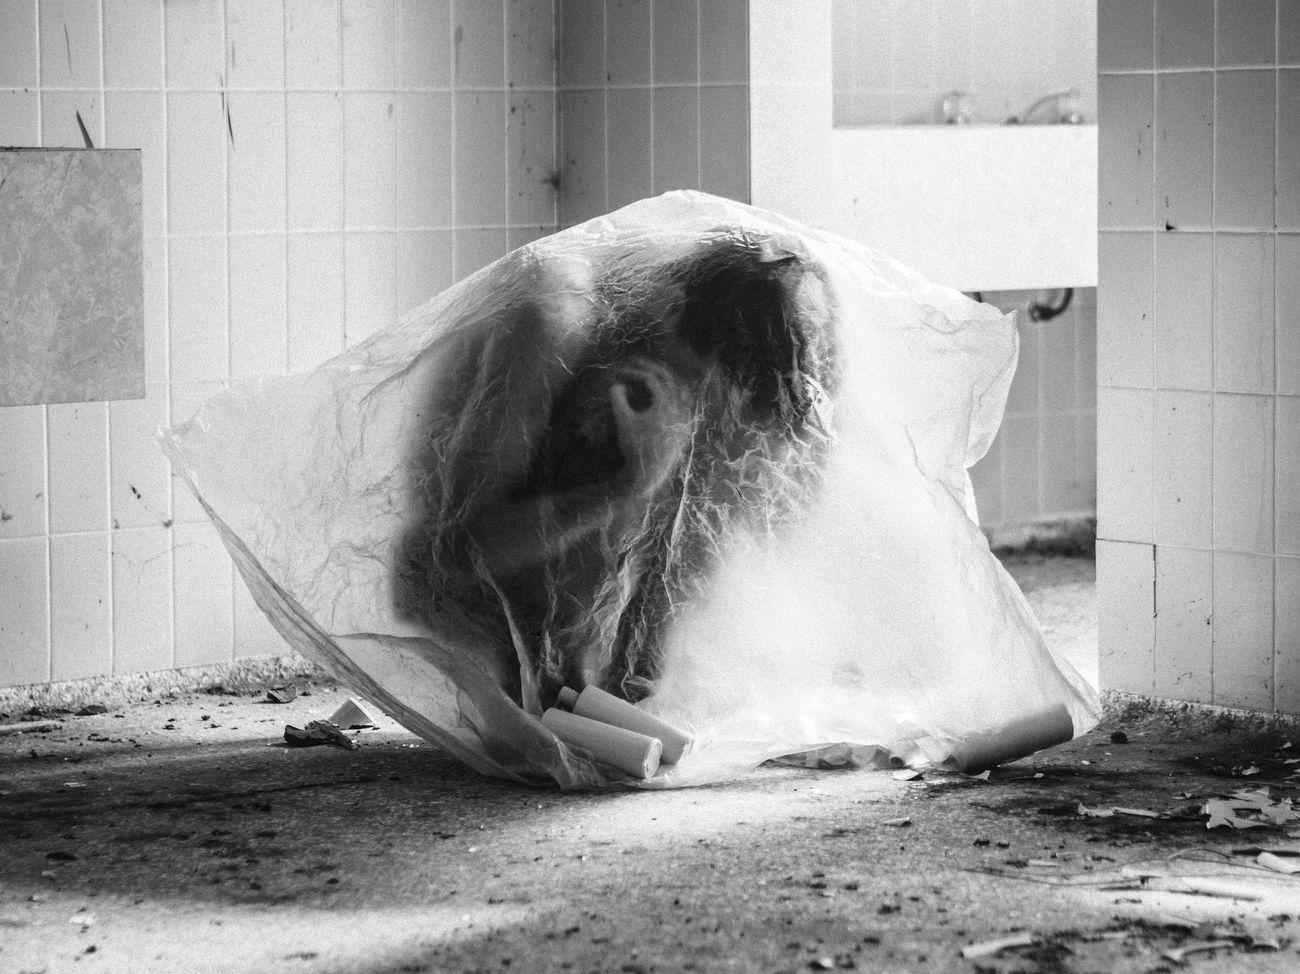 Emptiness is loneliness Portrait Of A Friend VSCO EyeEmBestPics EyeEm Best Shots Blackandwhite